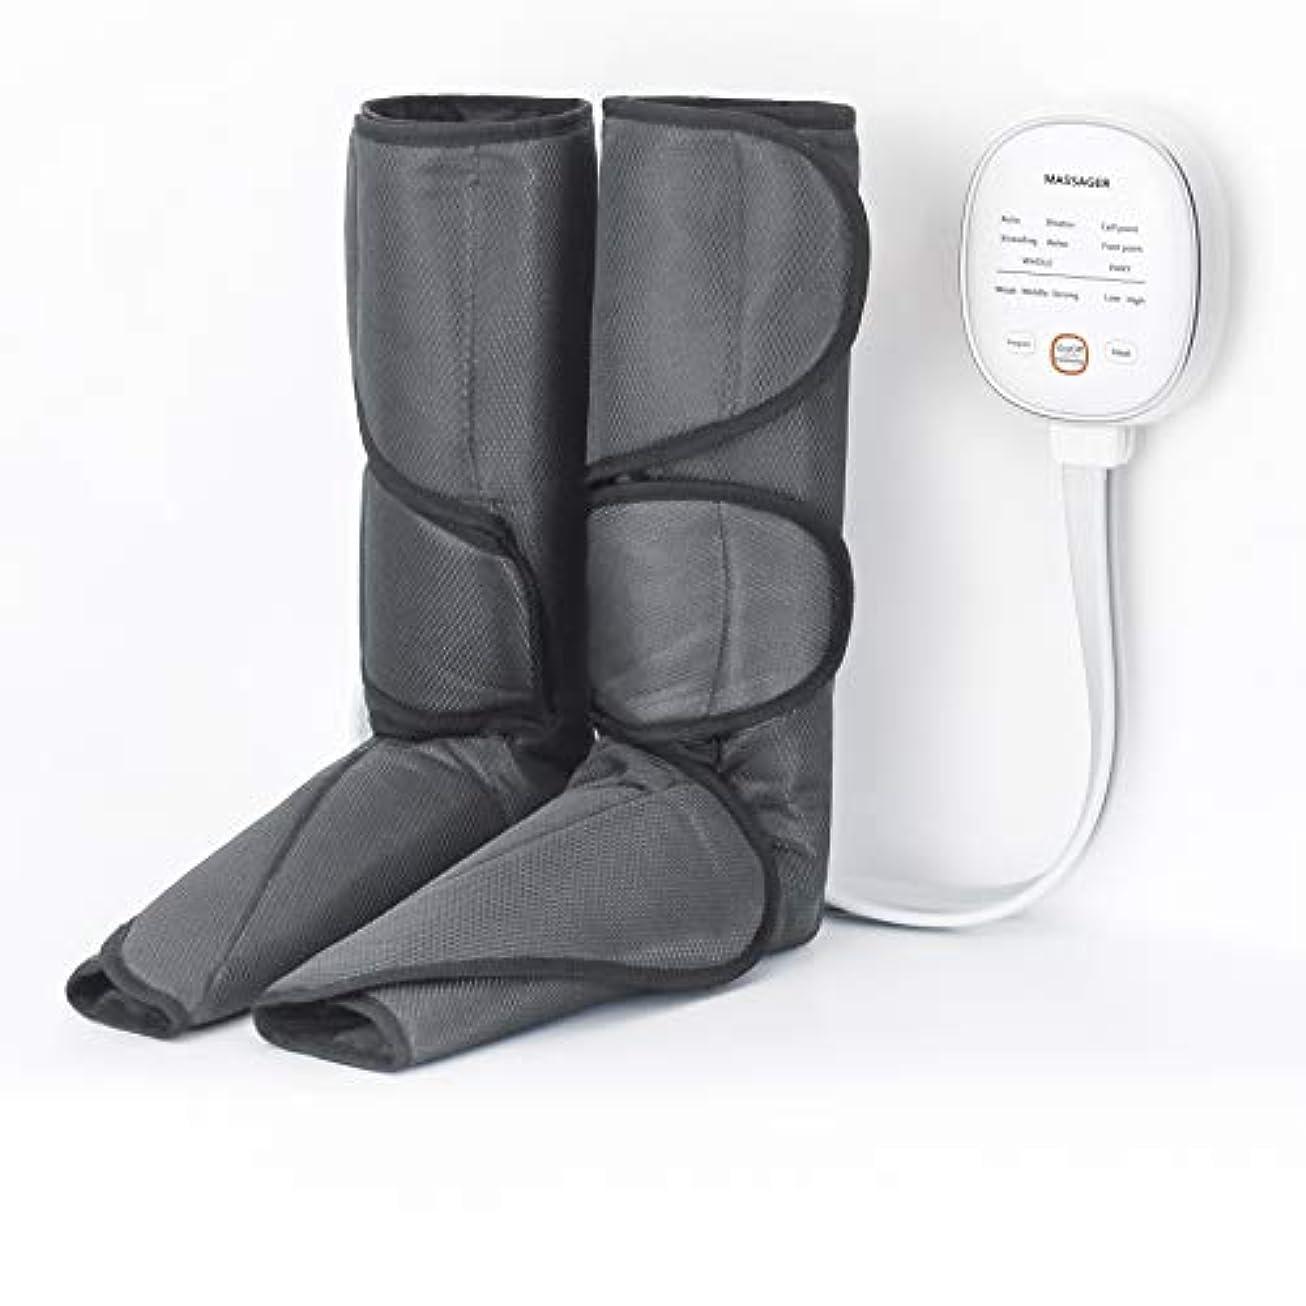 解決廃棄宿泊施設マッサージャー フット エアーマッサージャー温感機能搭載 ふくらはぎ 気圧 6つのマッサージコースを 不眠症改善、解消 家庭用&職場用 敬老の日